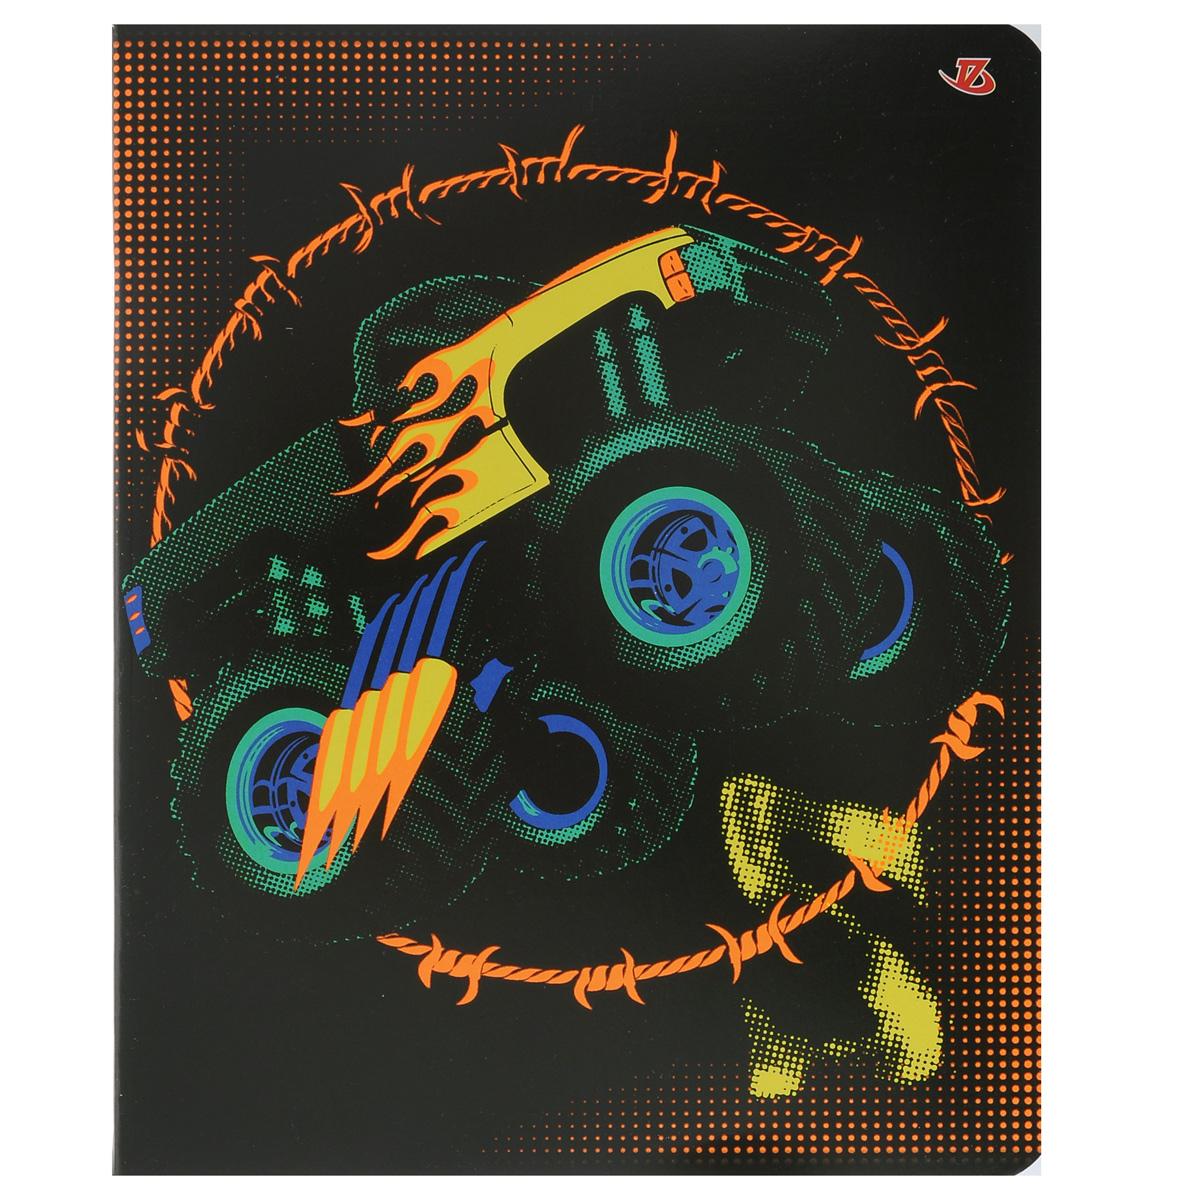 Тетрадь Внедорожник, цвет: черный, зеленый, желтый, 60 листов7227/5_Внедорожник(с дополнительным листом)FC-COC-643086Тетрадь Внедорожник прекрасно подойдет как студенту, так и школьнику.Обложка тетради с ярким изображением выполнена из мелованного картона с закругленными углами.Внутренний блок тетради состоит из 60 листов высококачественной бумаги повышенной белизны. Стандартная линовка в клетку дополнена полями. Первая страничка содержит поля для заполнения личных данных.